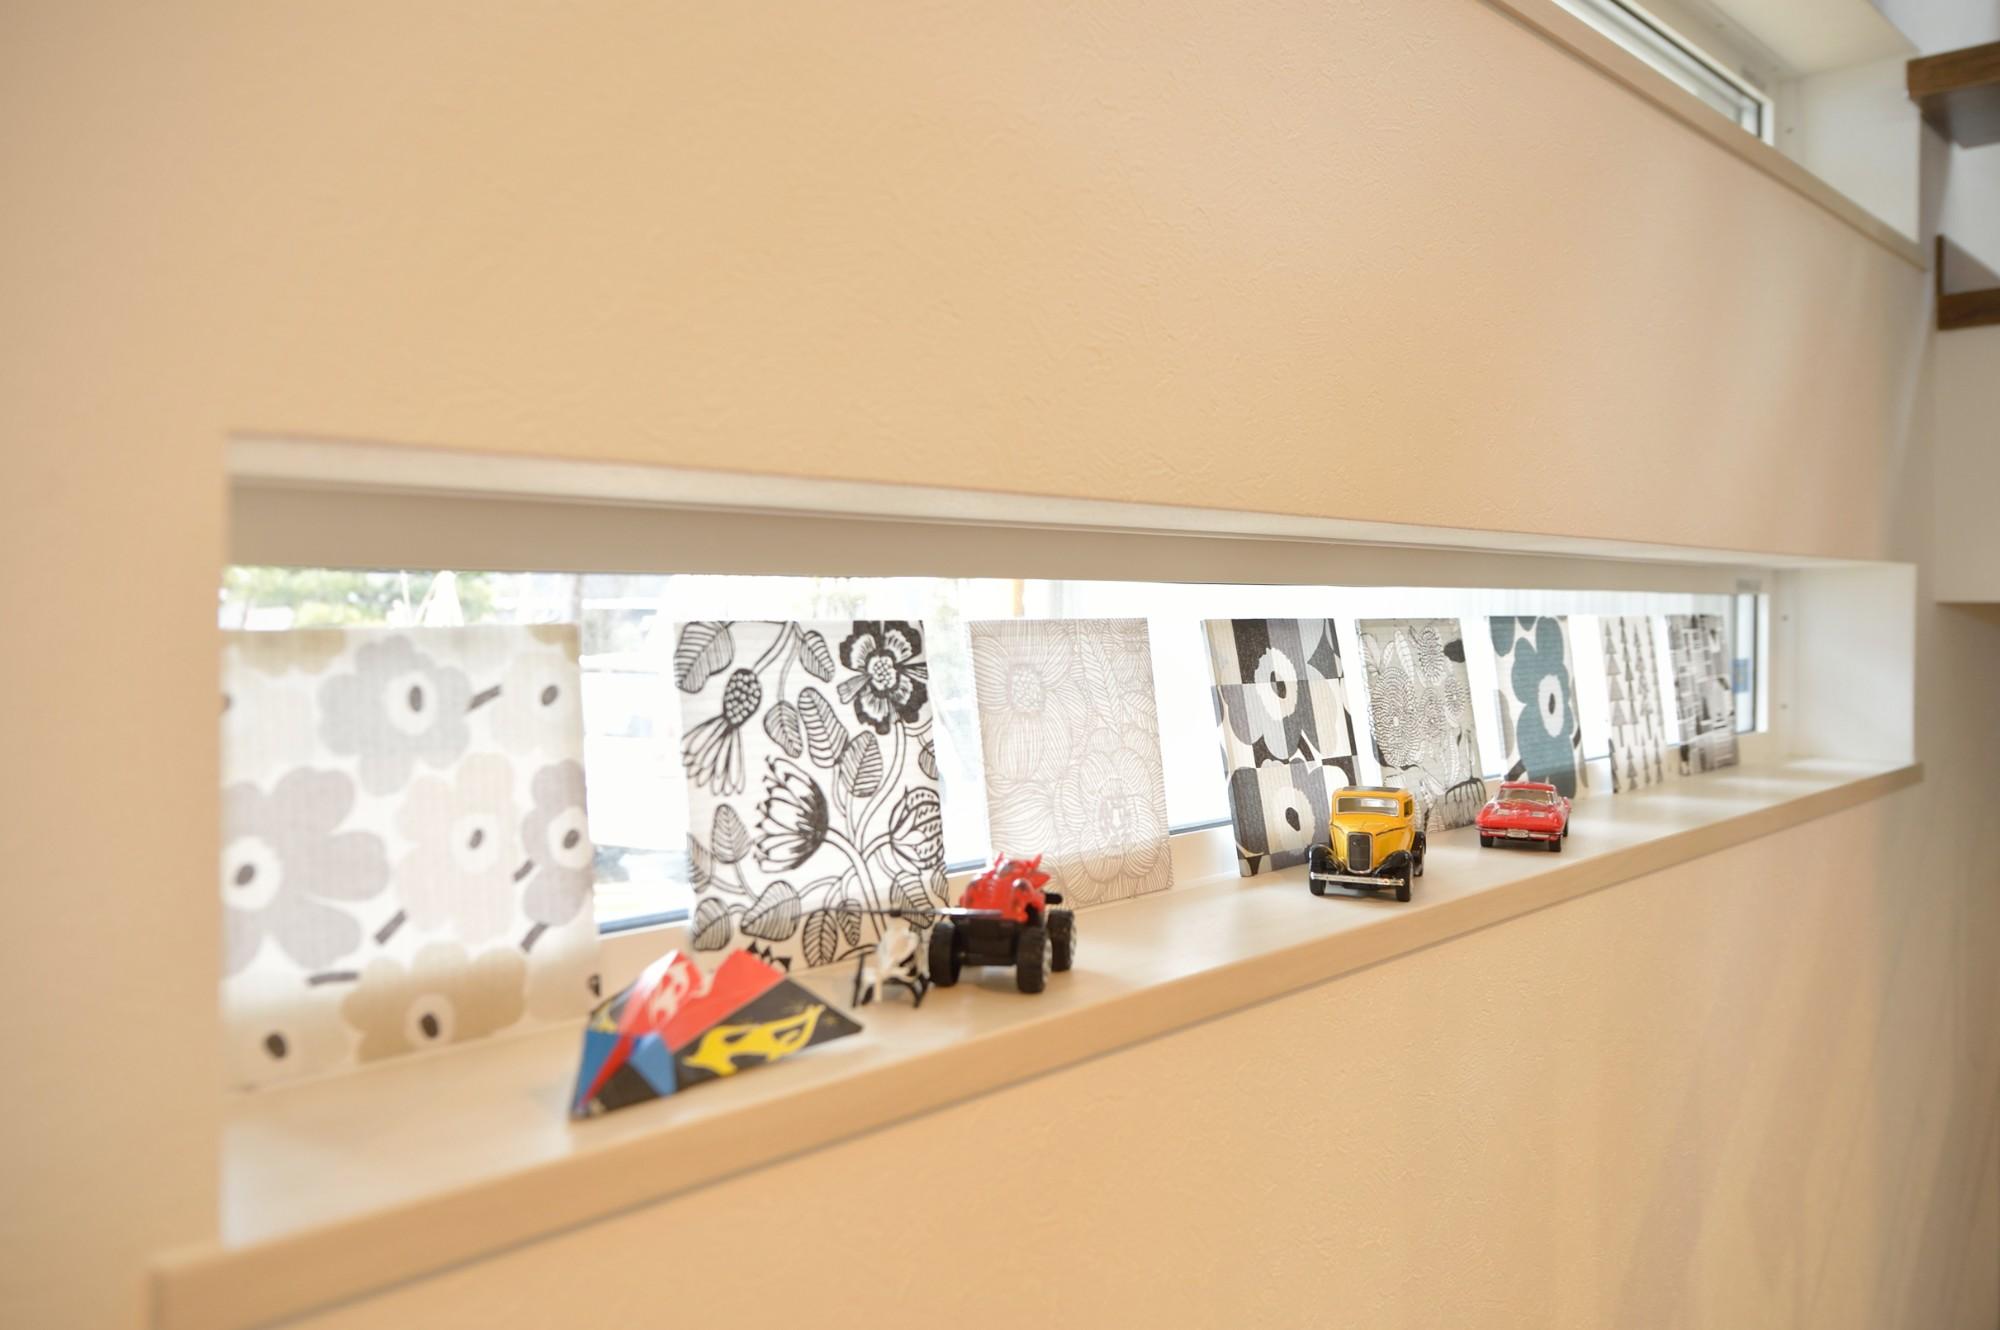 家'Sハセガワ株式会社「雑貨が似合う家」のシンプル・ナチュラルな収納スペースの実例写真